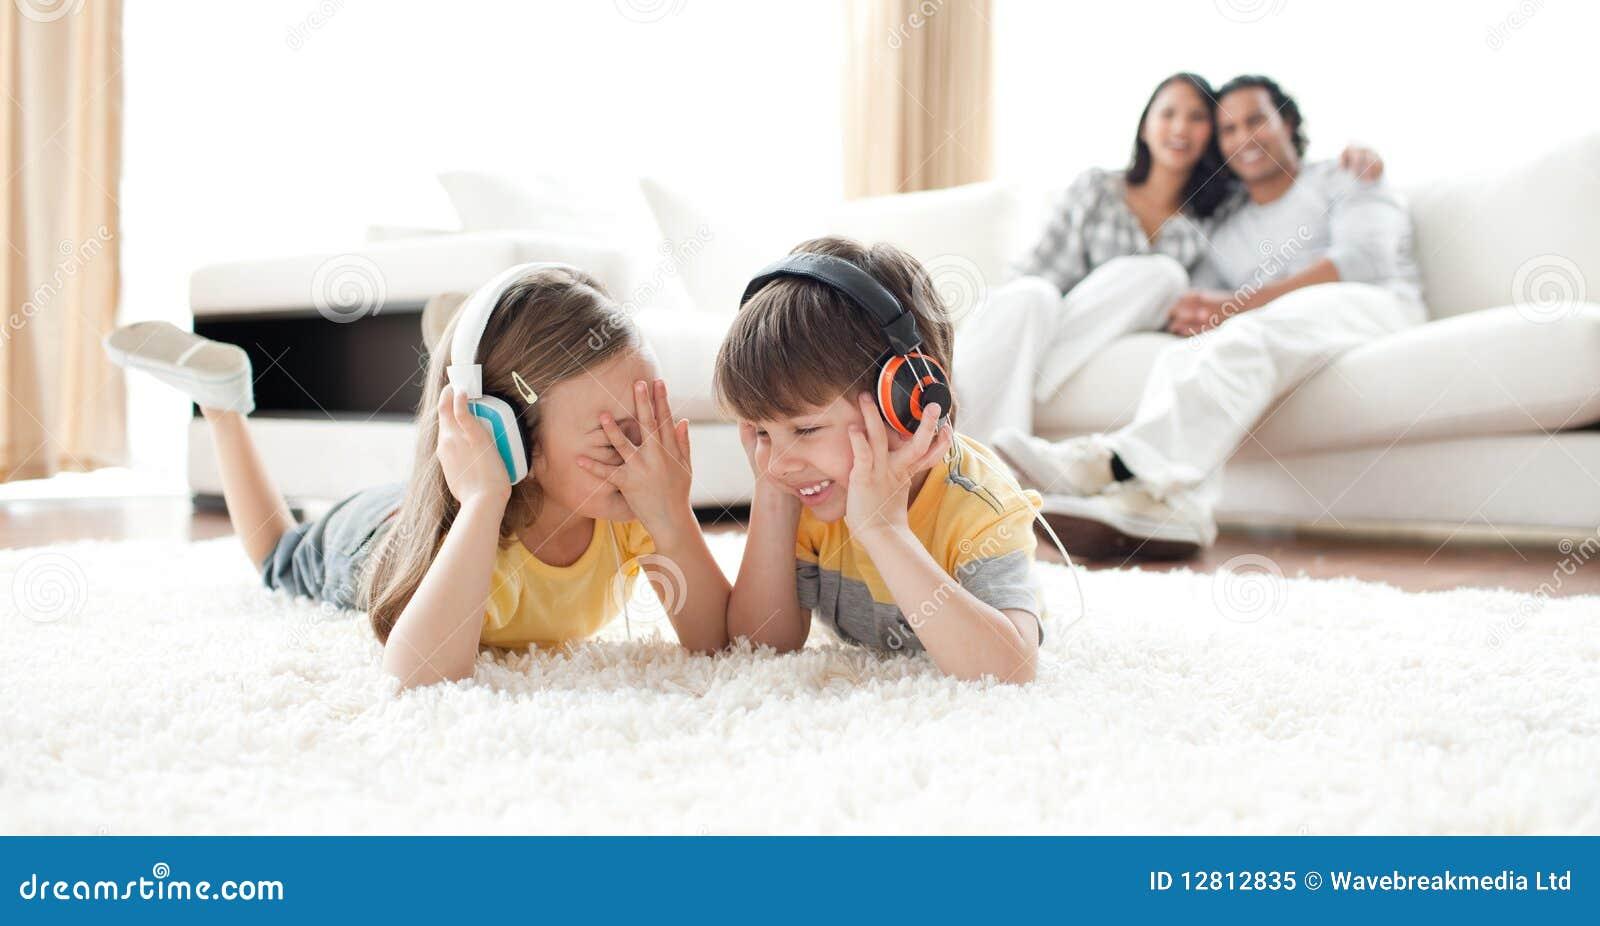 Música de escuta de riso das crianças com auscultadores